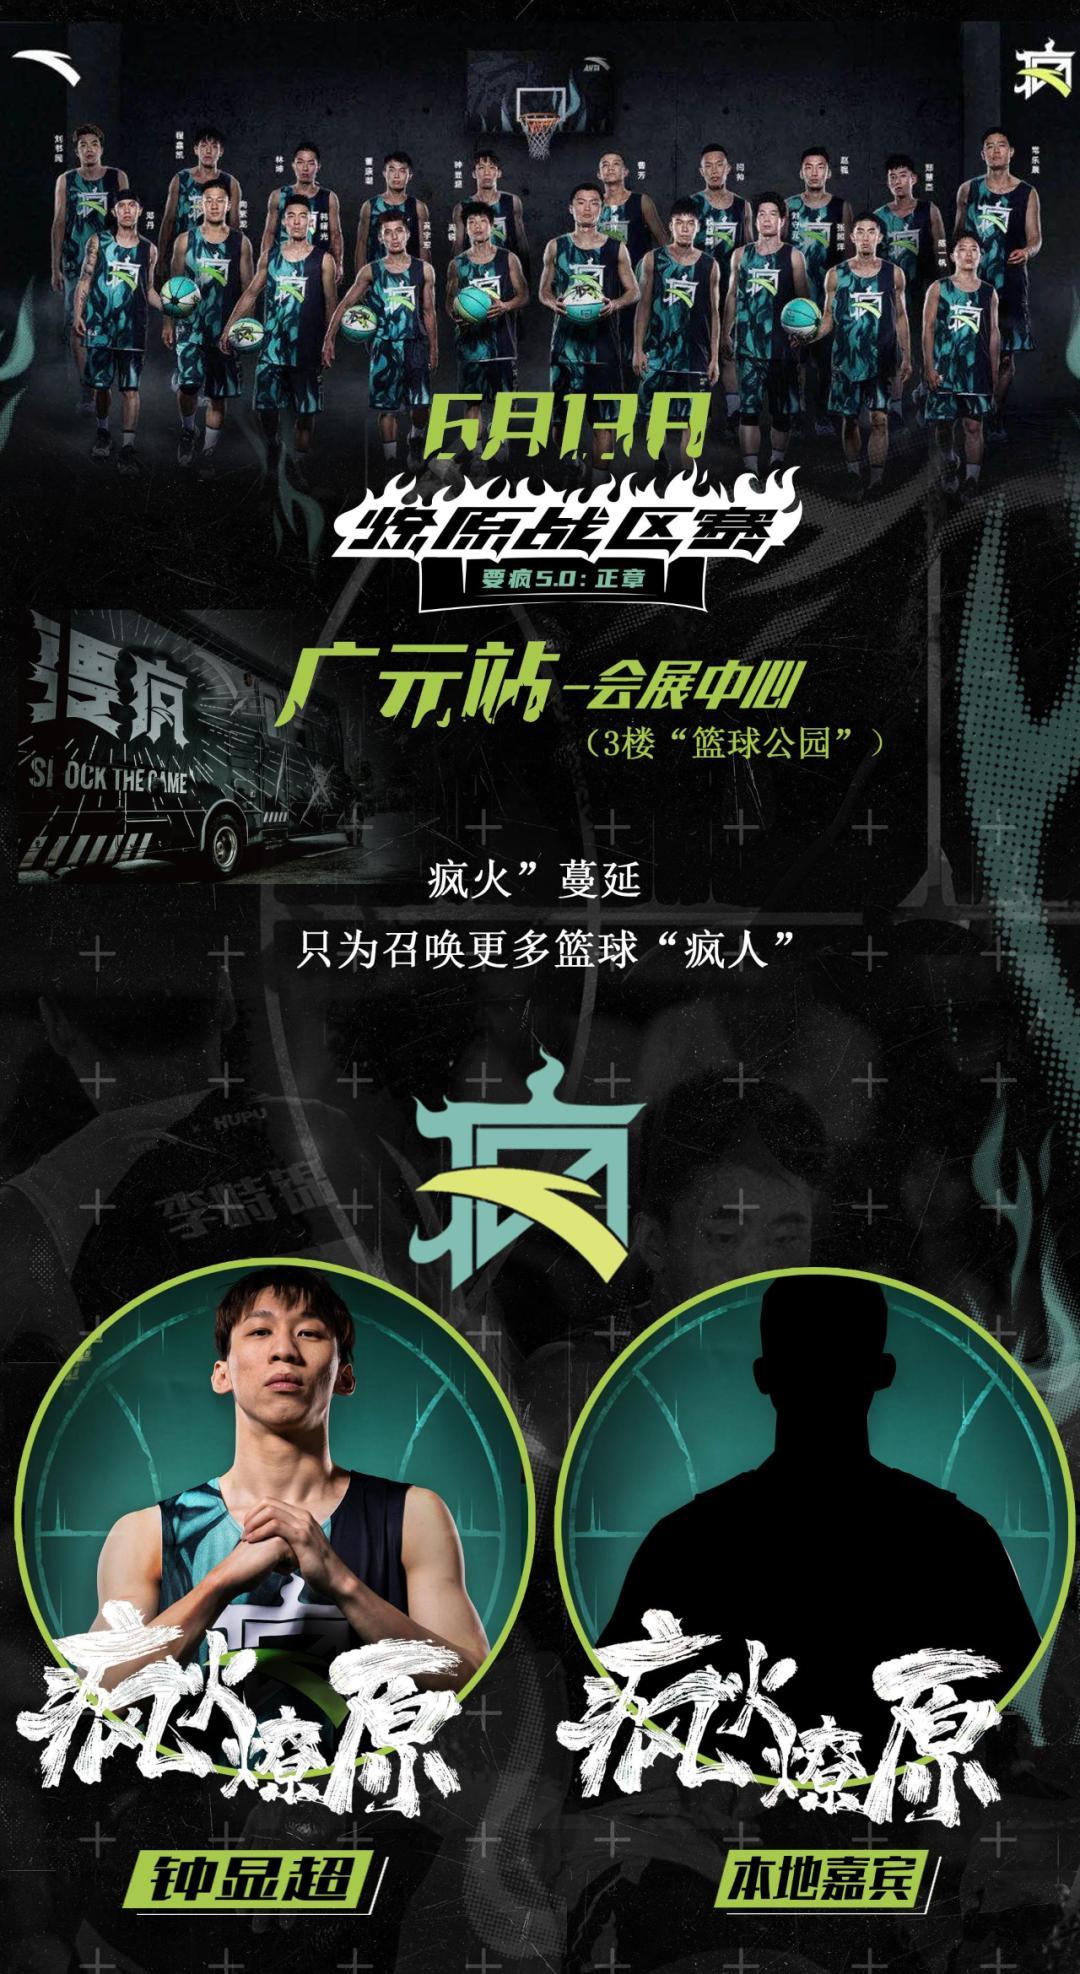 """精彩""""籃""""不??!這場勁爆籃球賽6月13在廣元火熱開賽"""